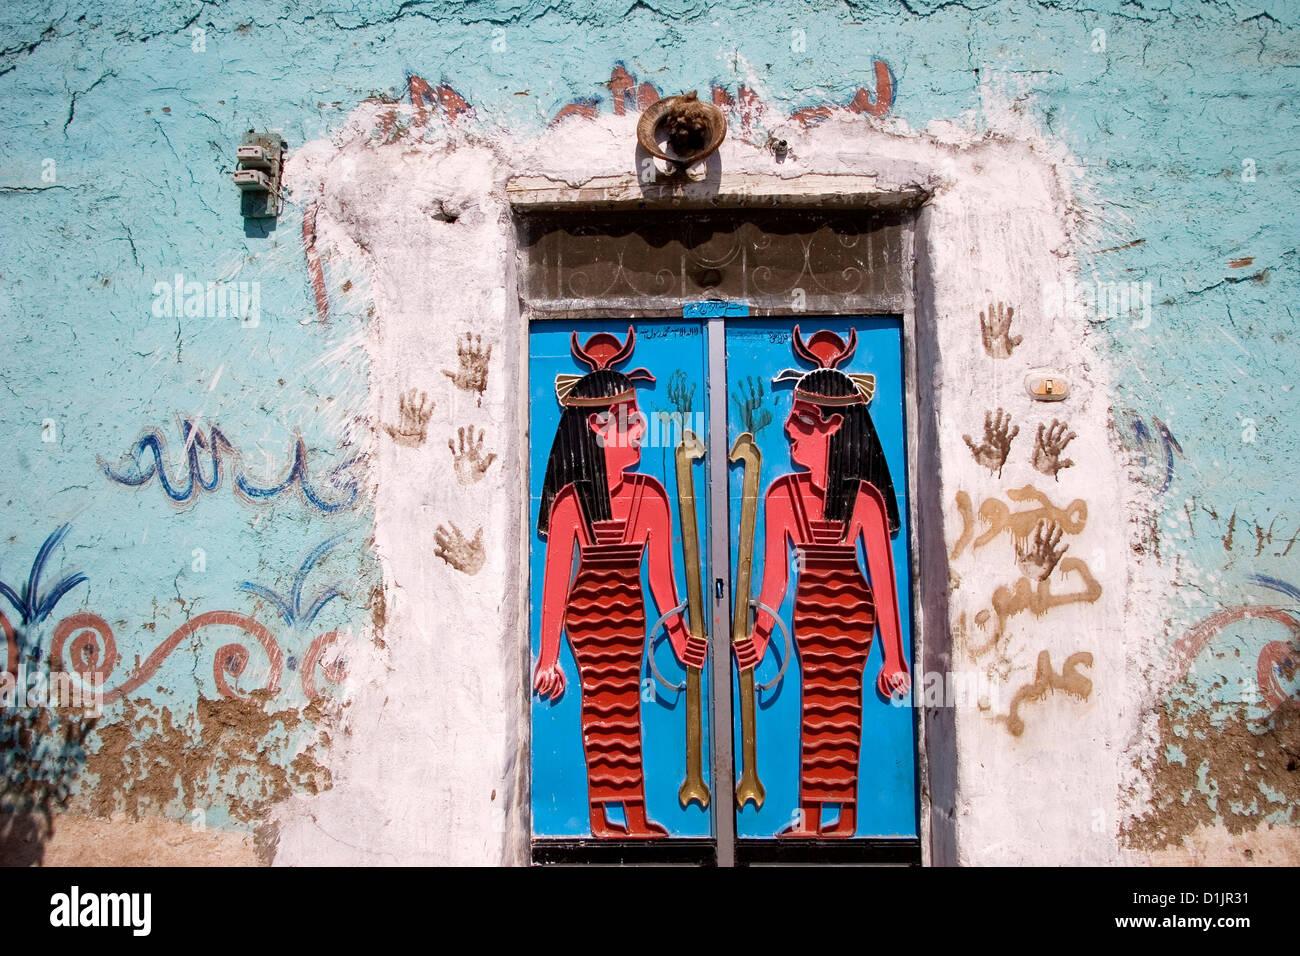 Gypt Luxor west bank porta di ingresso ad una casa a Gurna Immagini Stock